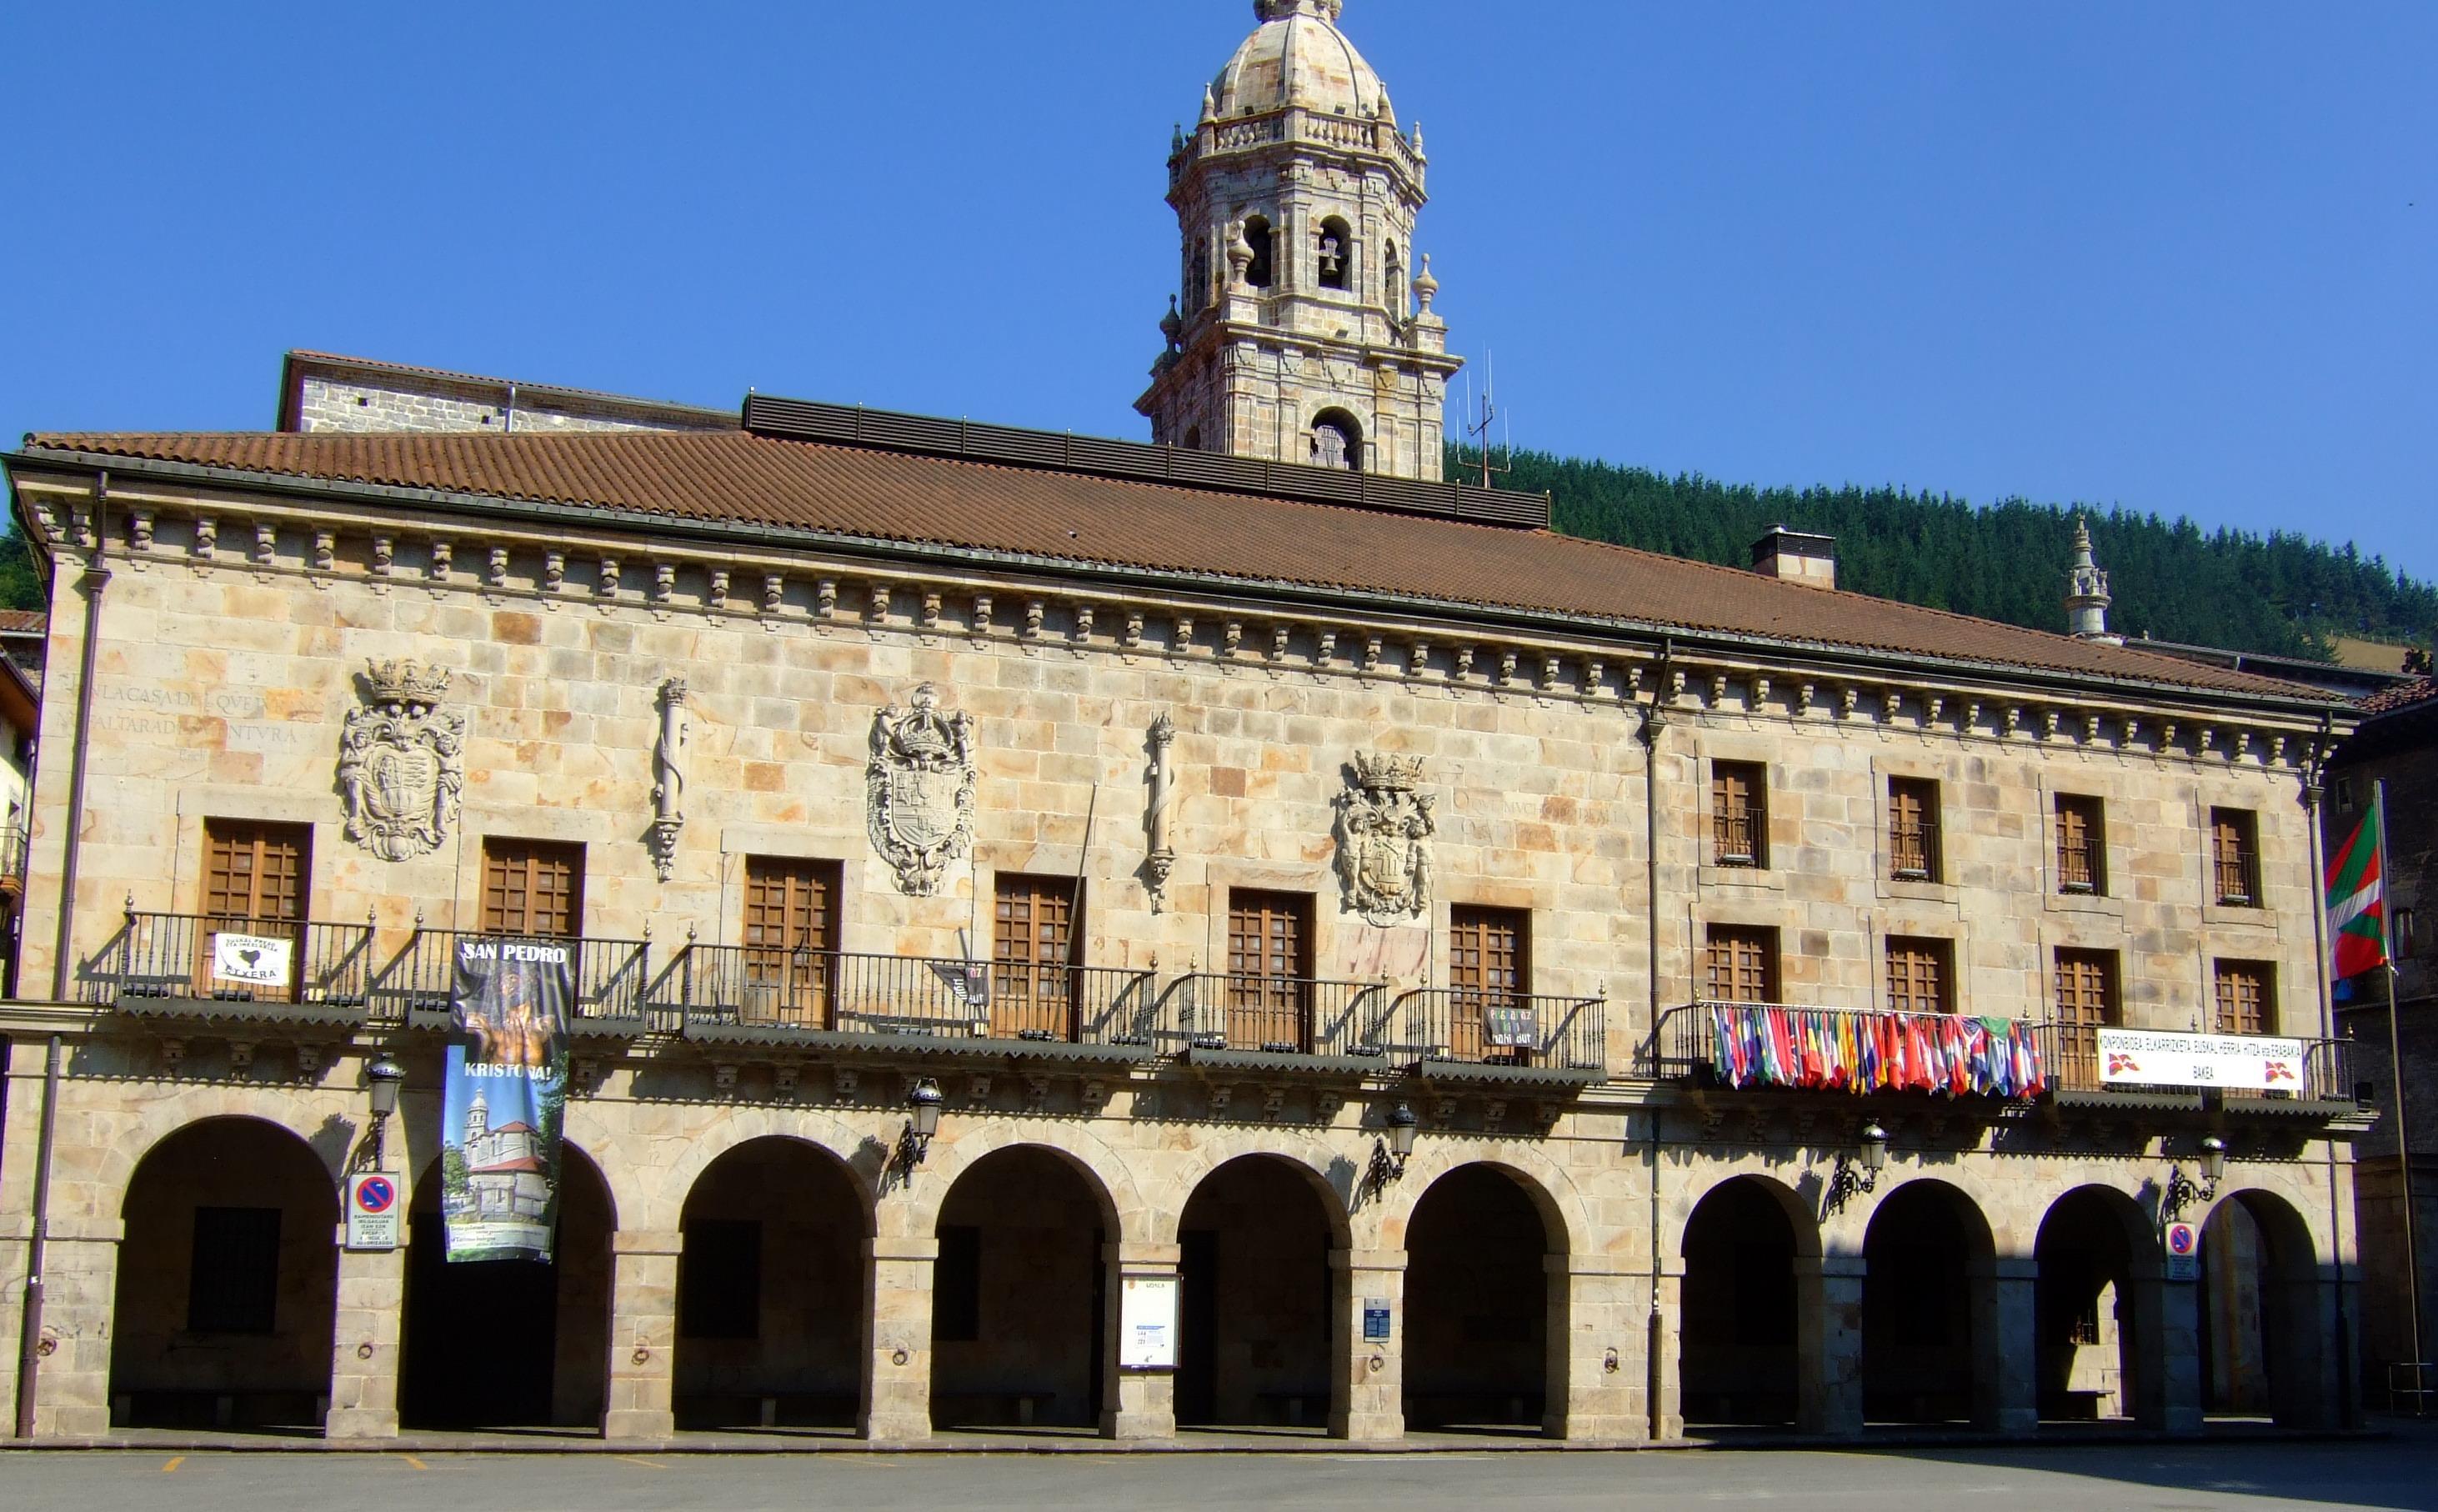 Ayuntamiento, con infinidad de banderas para disimular la presencia de la española.